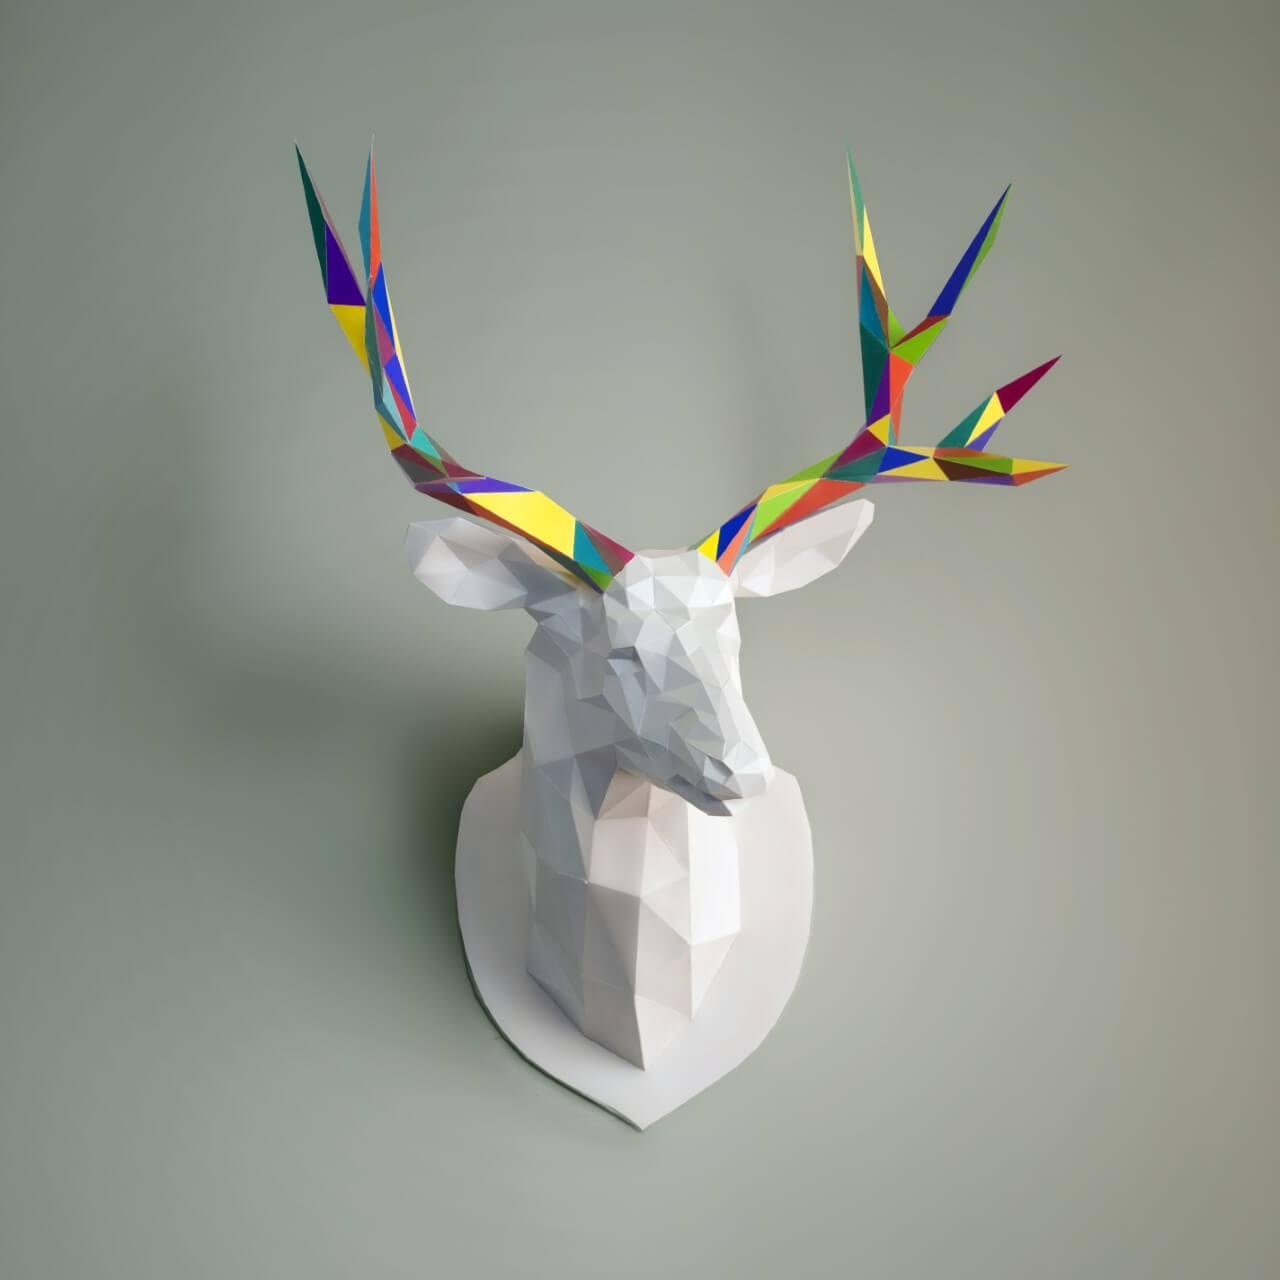 Décoration d'intérieur, Ecogami, papercraft, puzzle 3D, design, loisirs créatifs